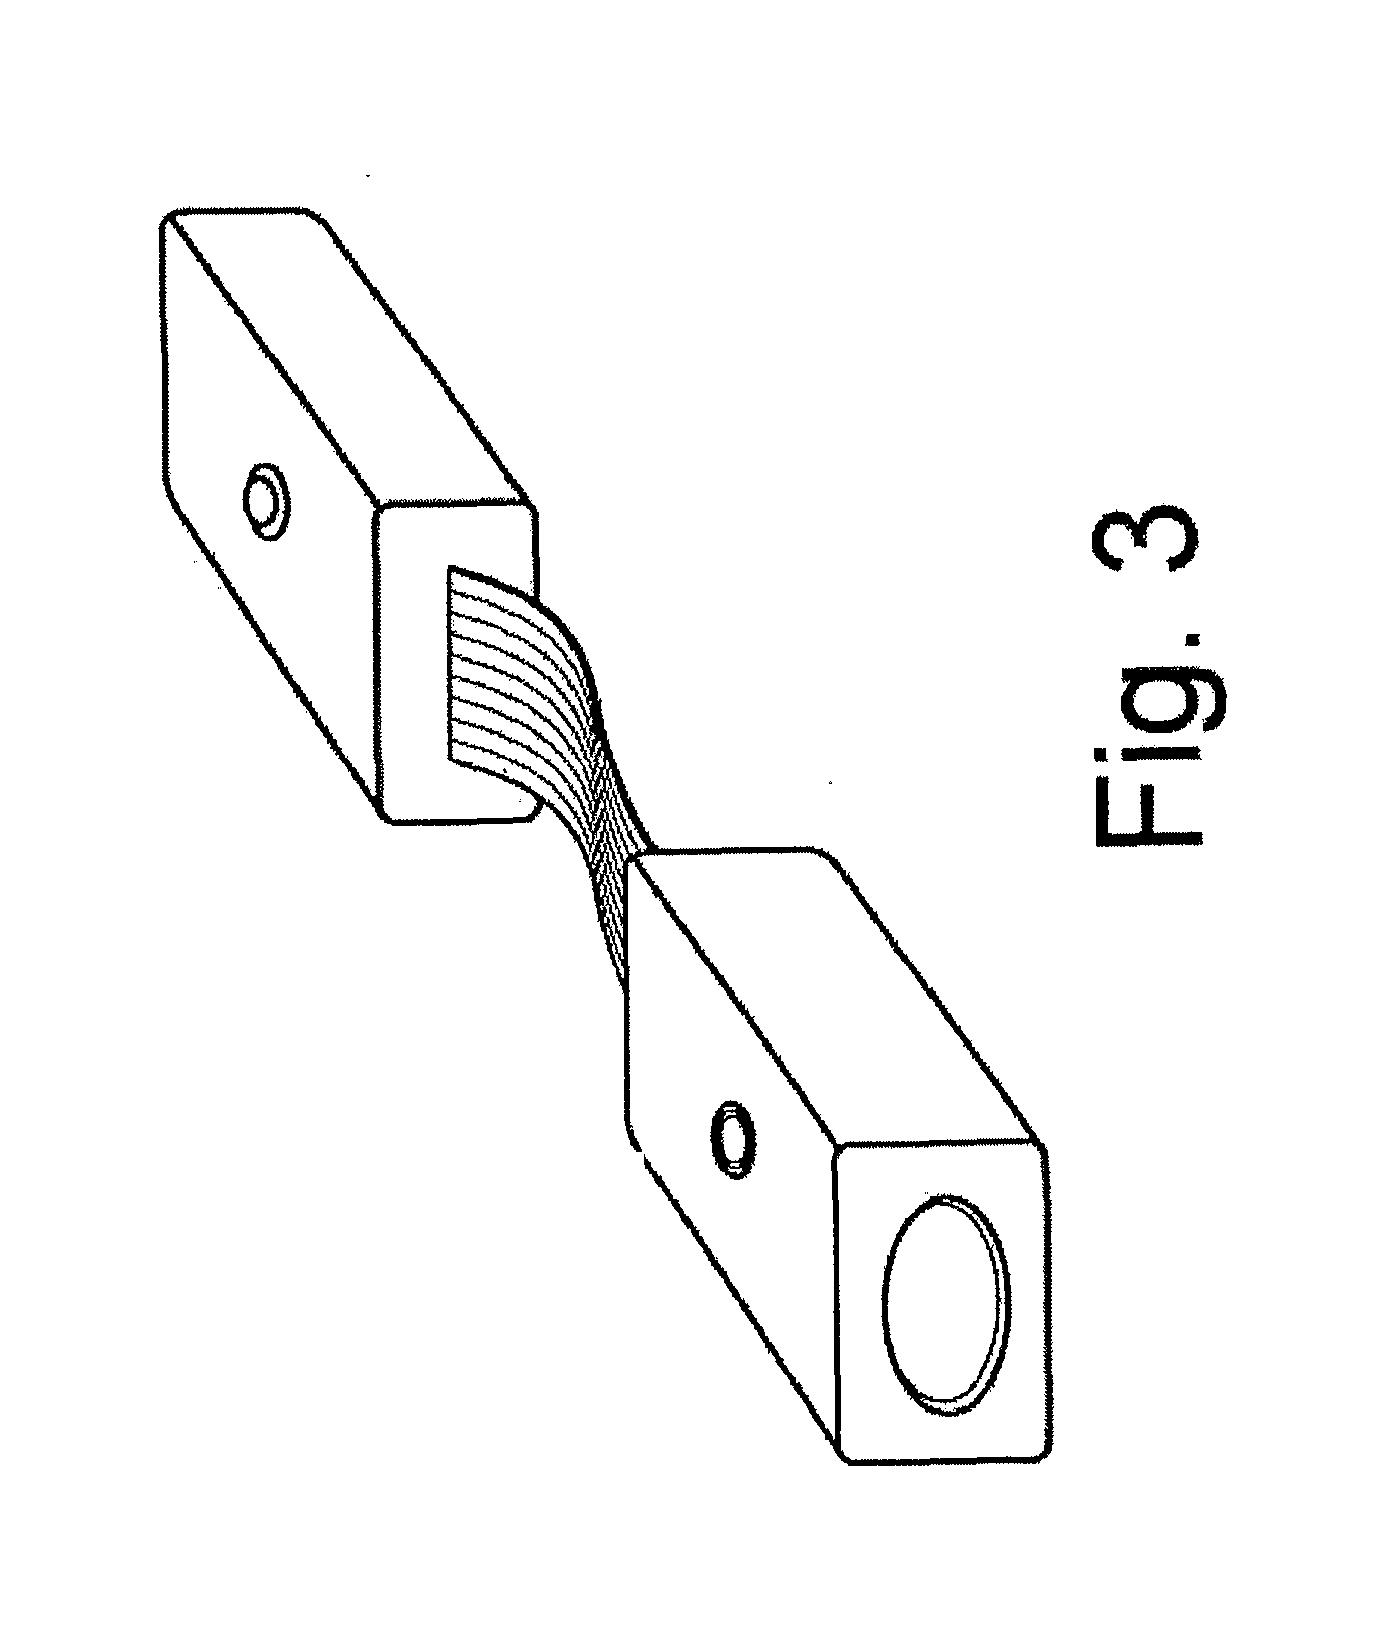 patent us20100210928